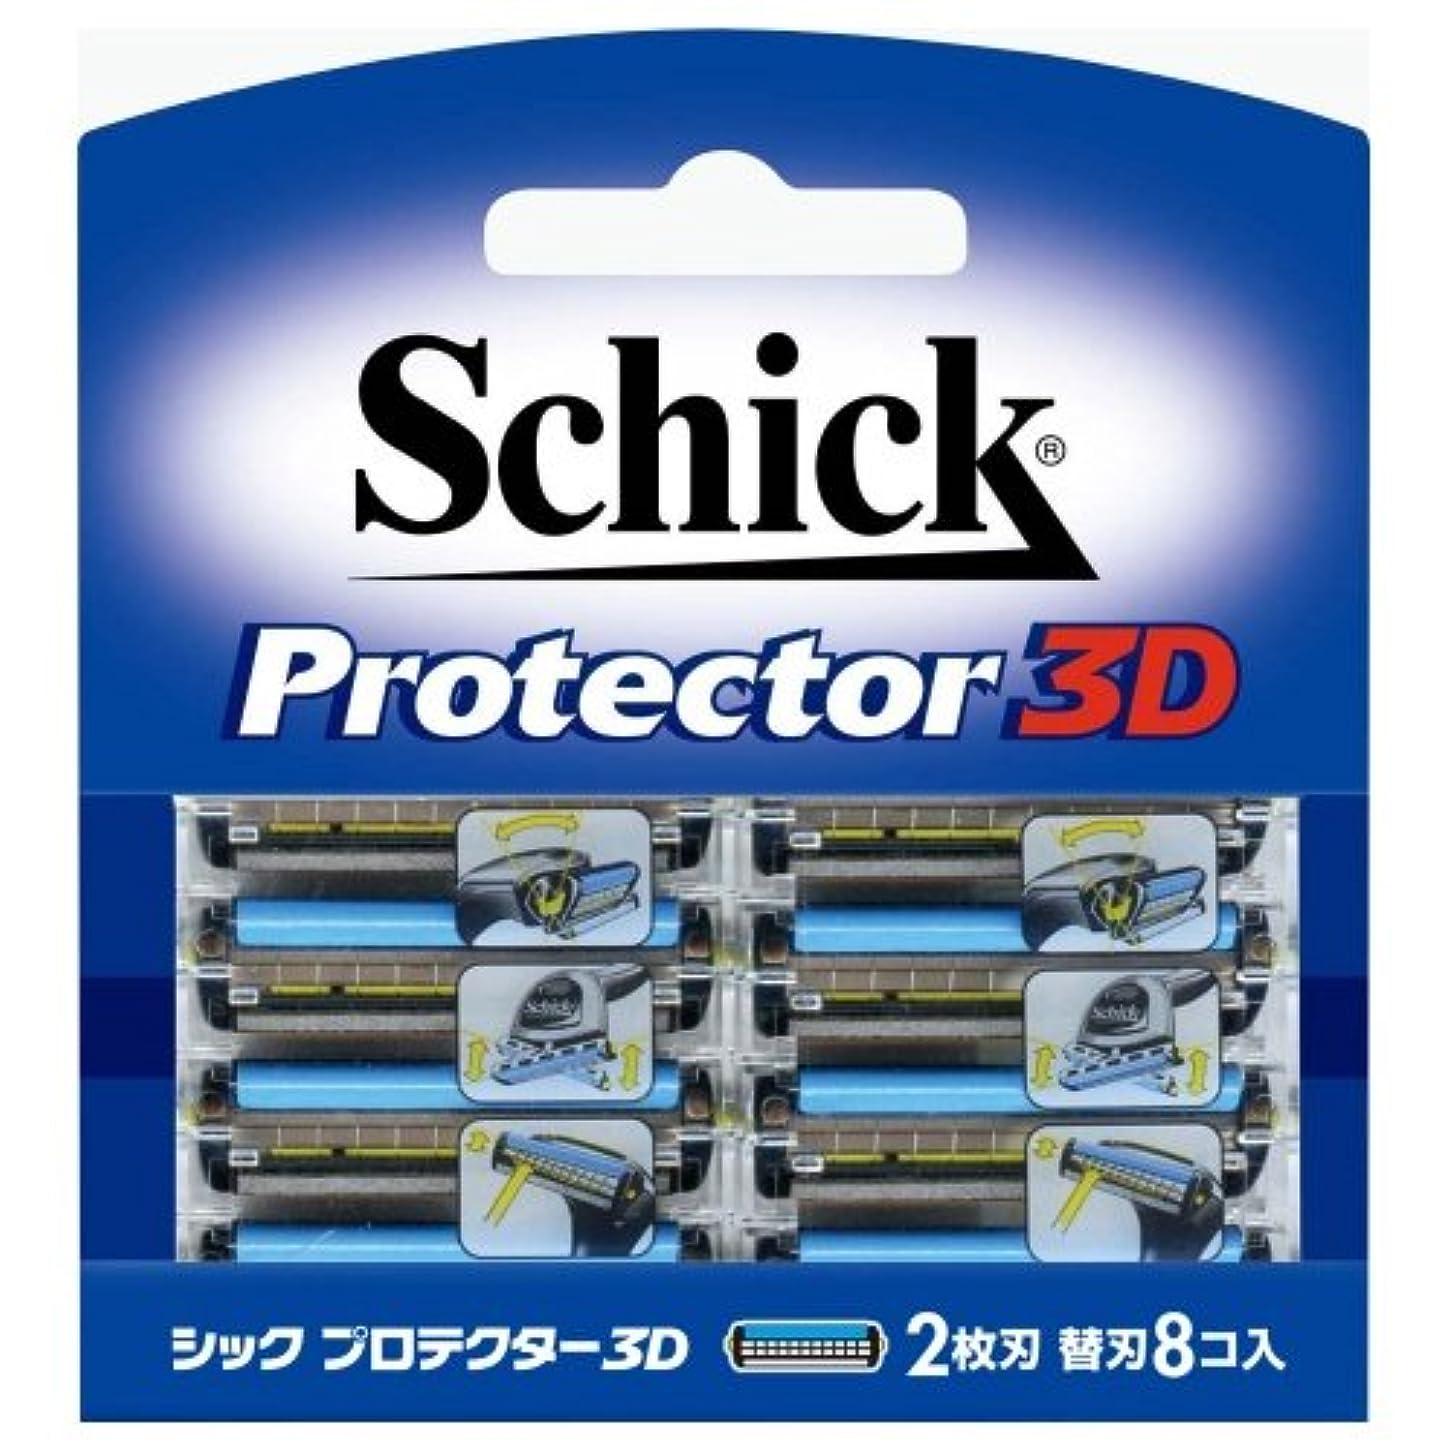 メッシュスクラッチ孤独シック プロテクター3D 替刃(8コ入)